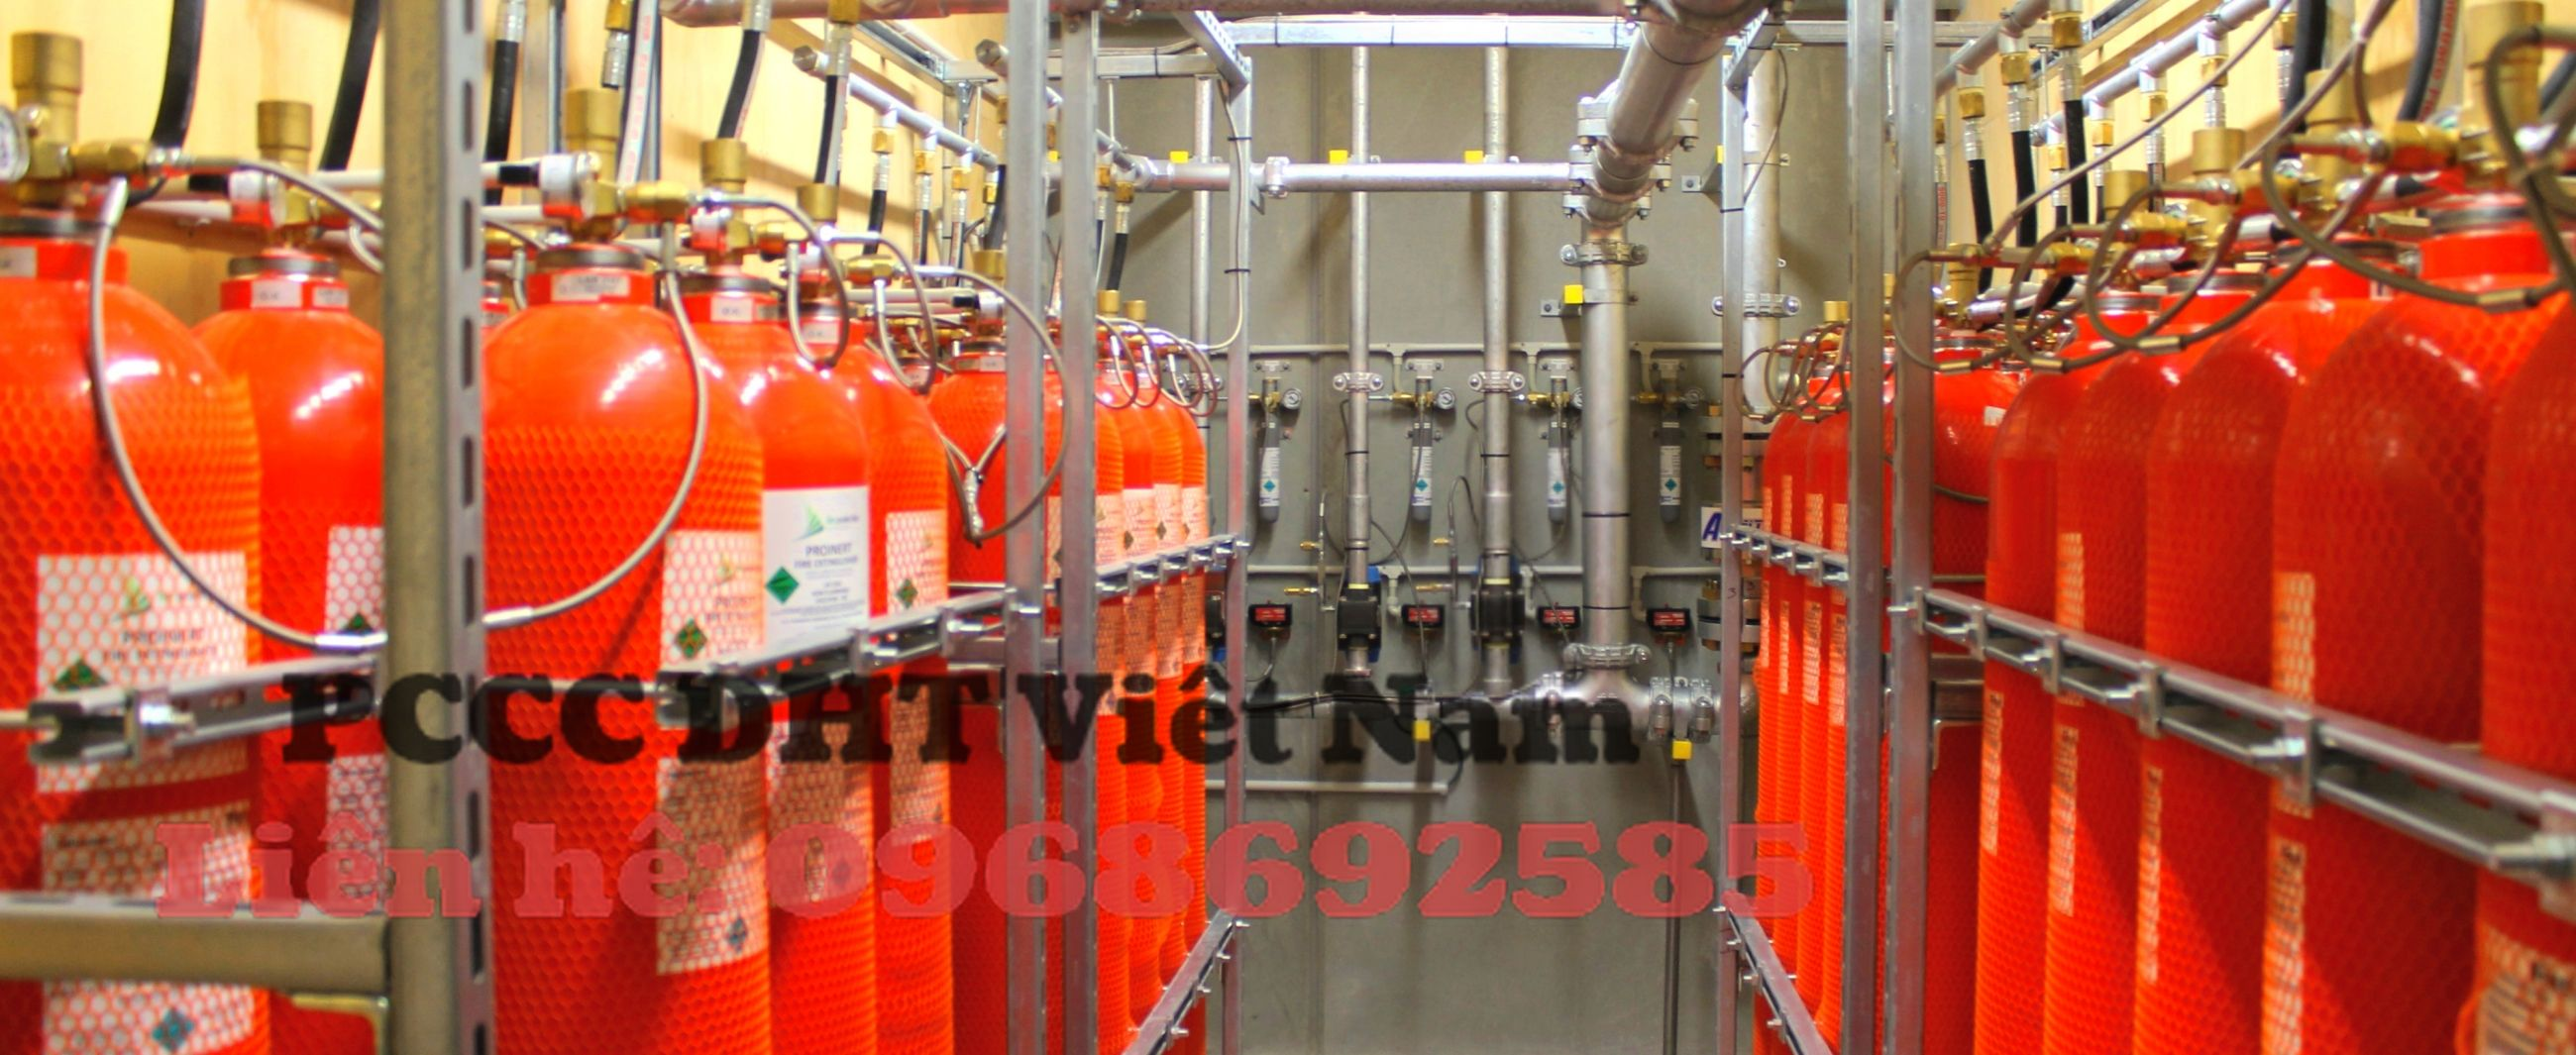 Bình chữa cháy chất lượng từ PCCC DHT Việt Nam